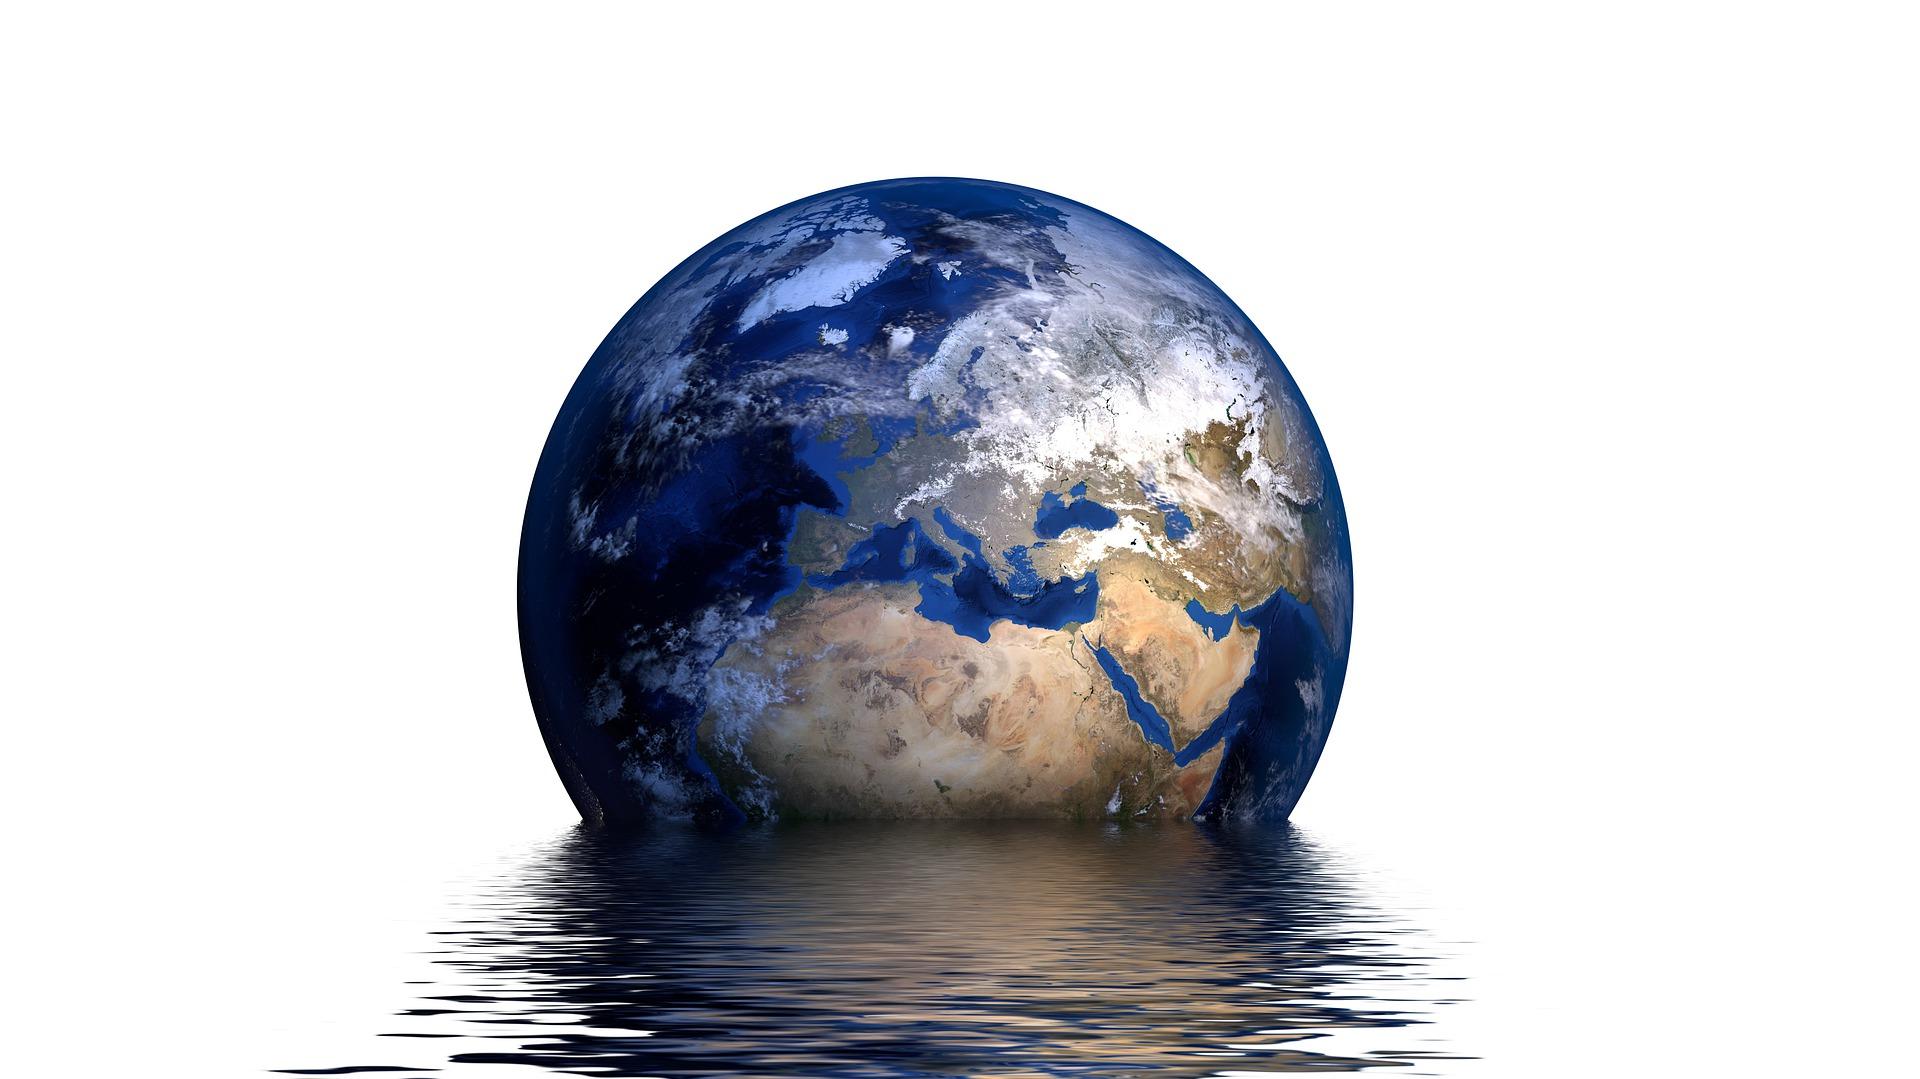 Ich liebe schwimmen - aber die Erde darf nicht baden gehen